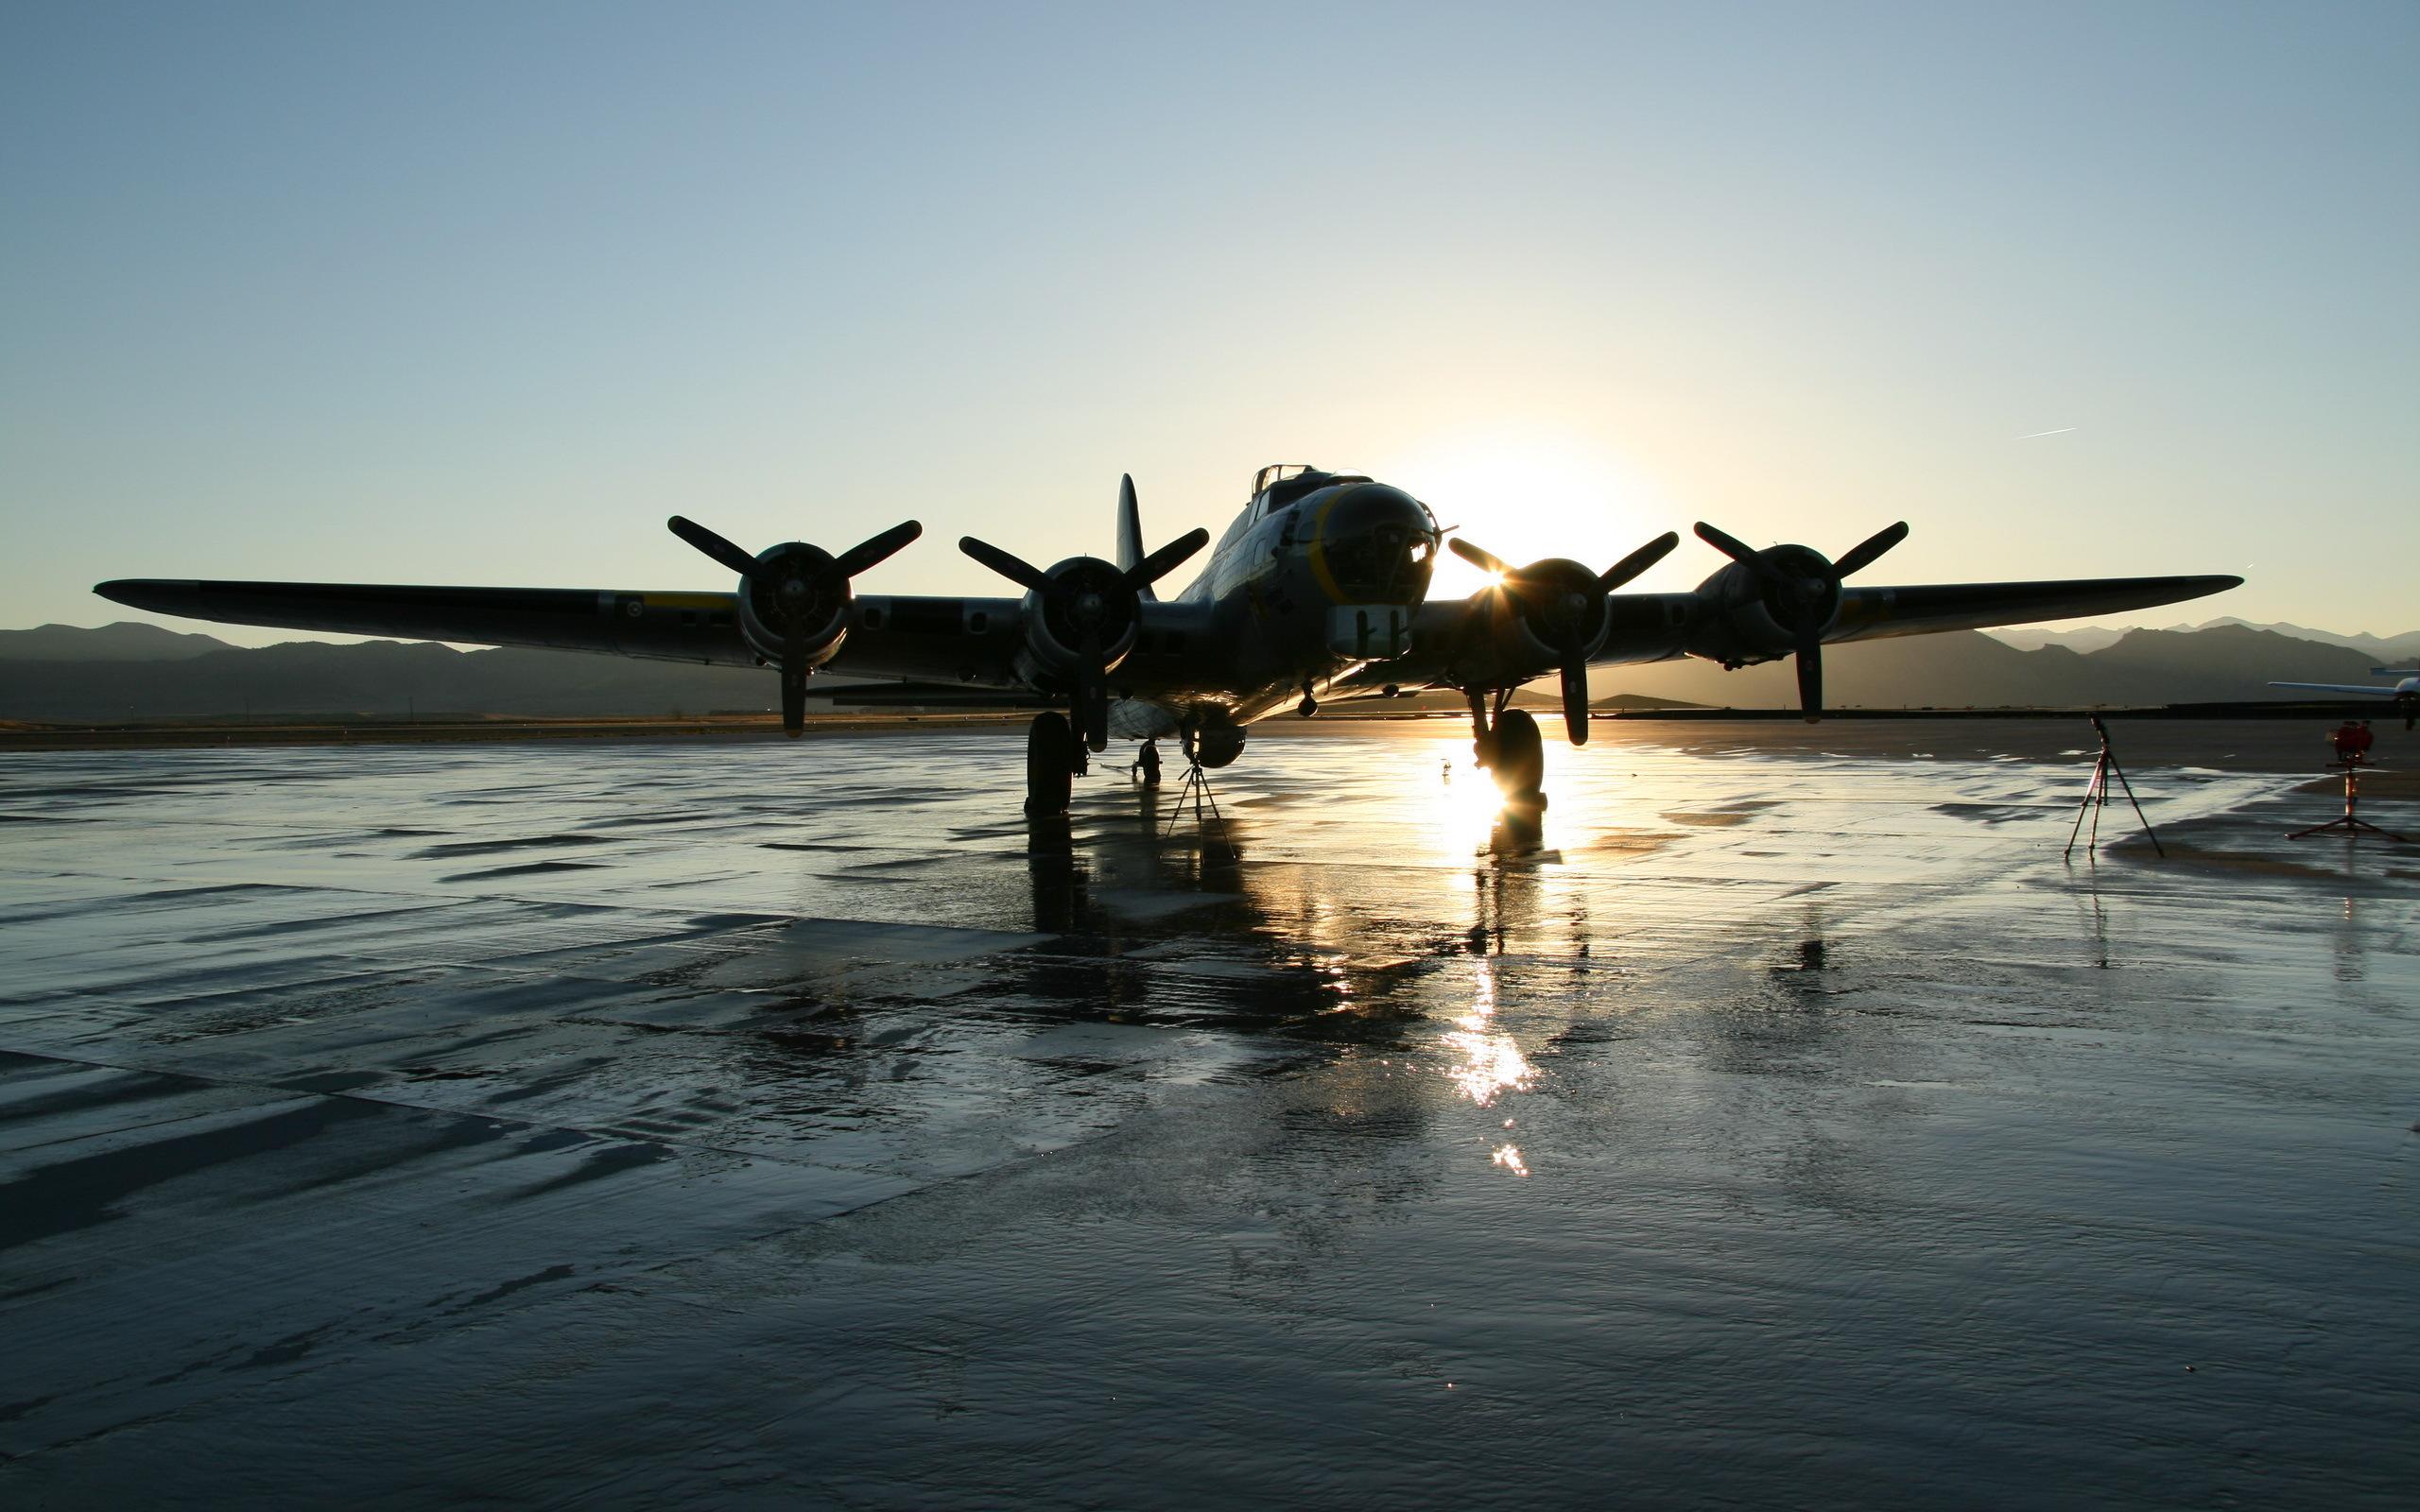 Обои с самолетами (авиация) на рабочий стол